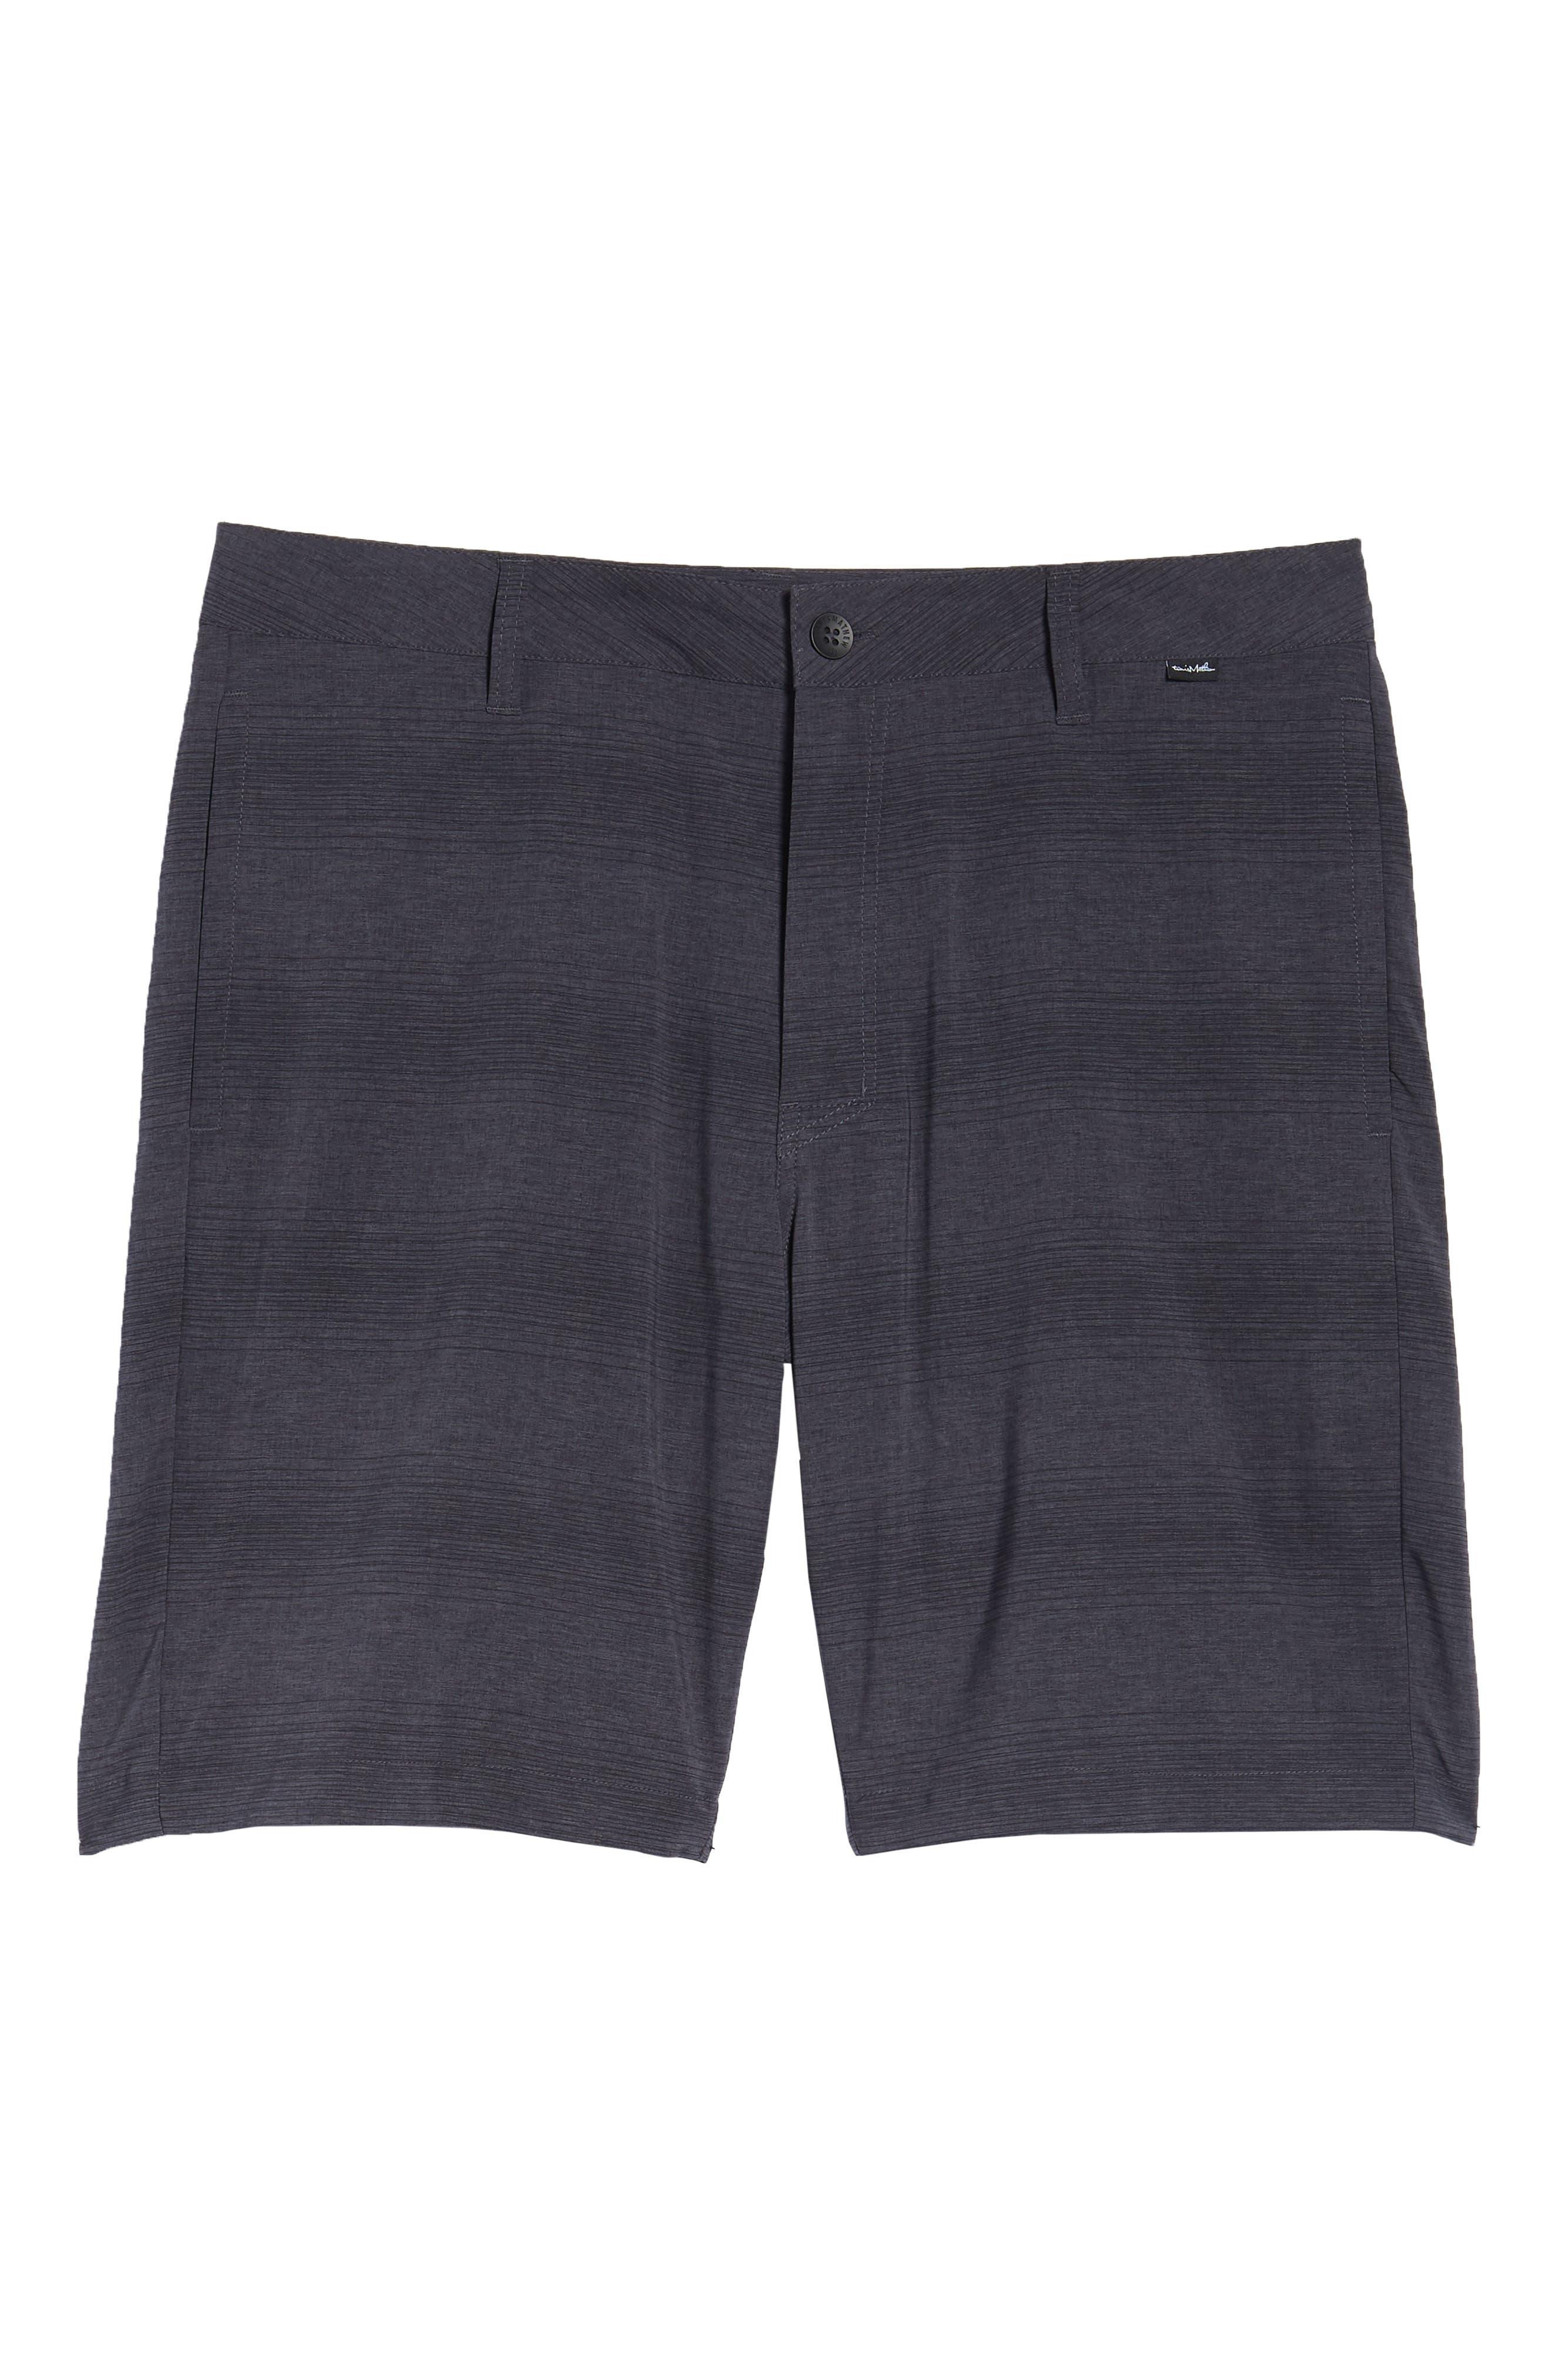 Tepic Shorts,                             Alternate thumbnail 6, color,                             001